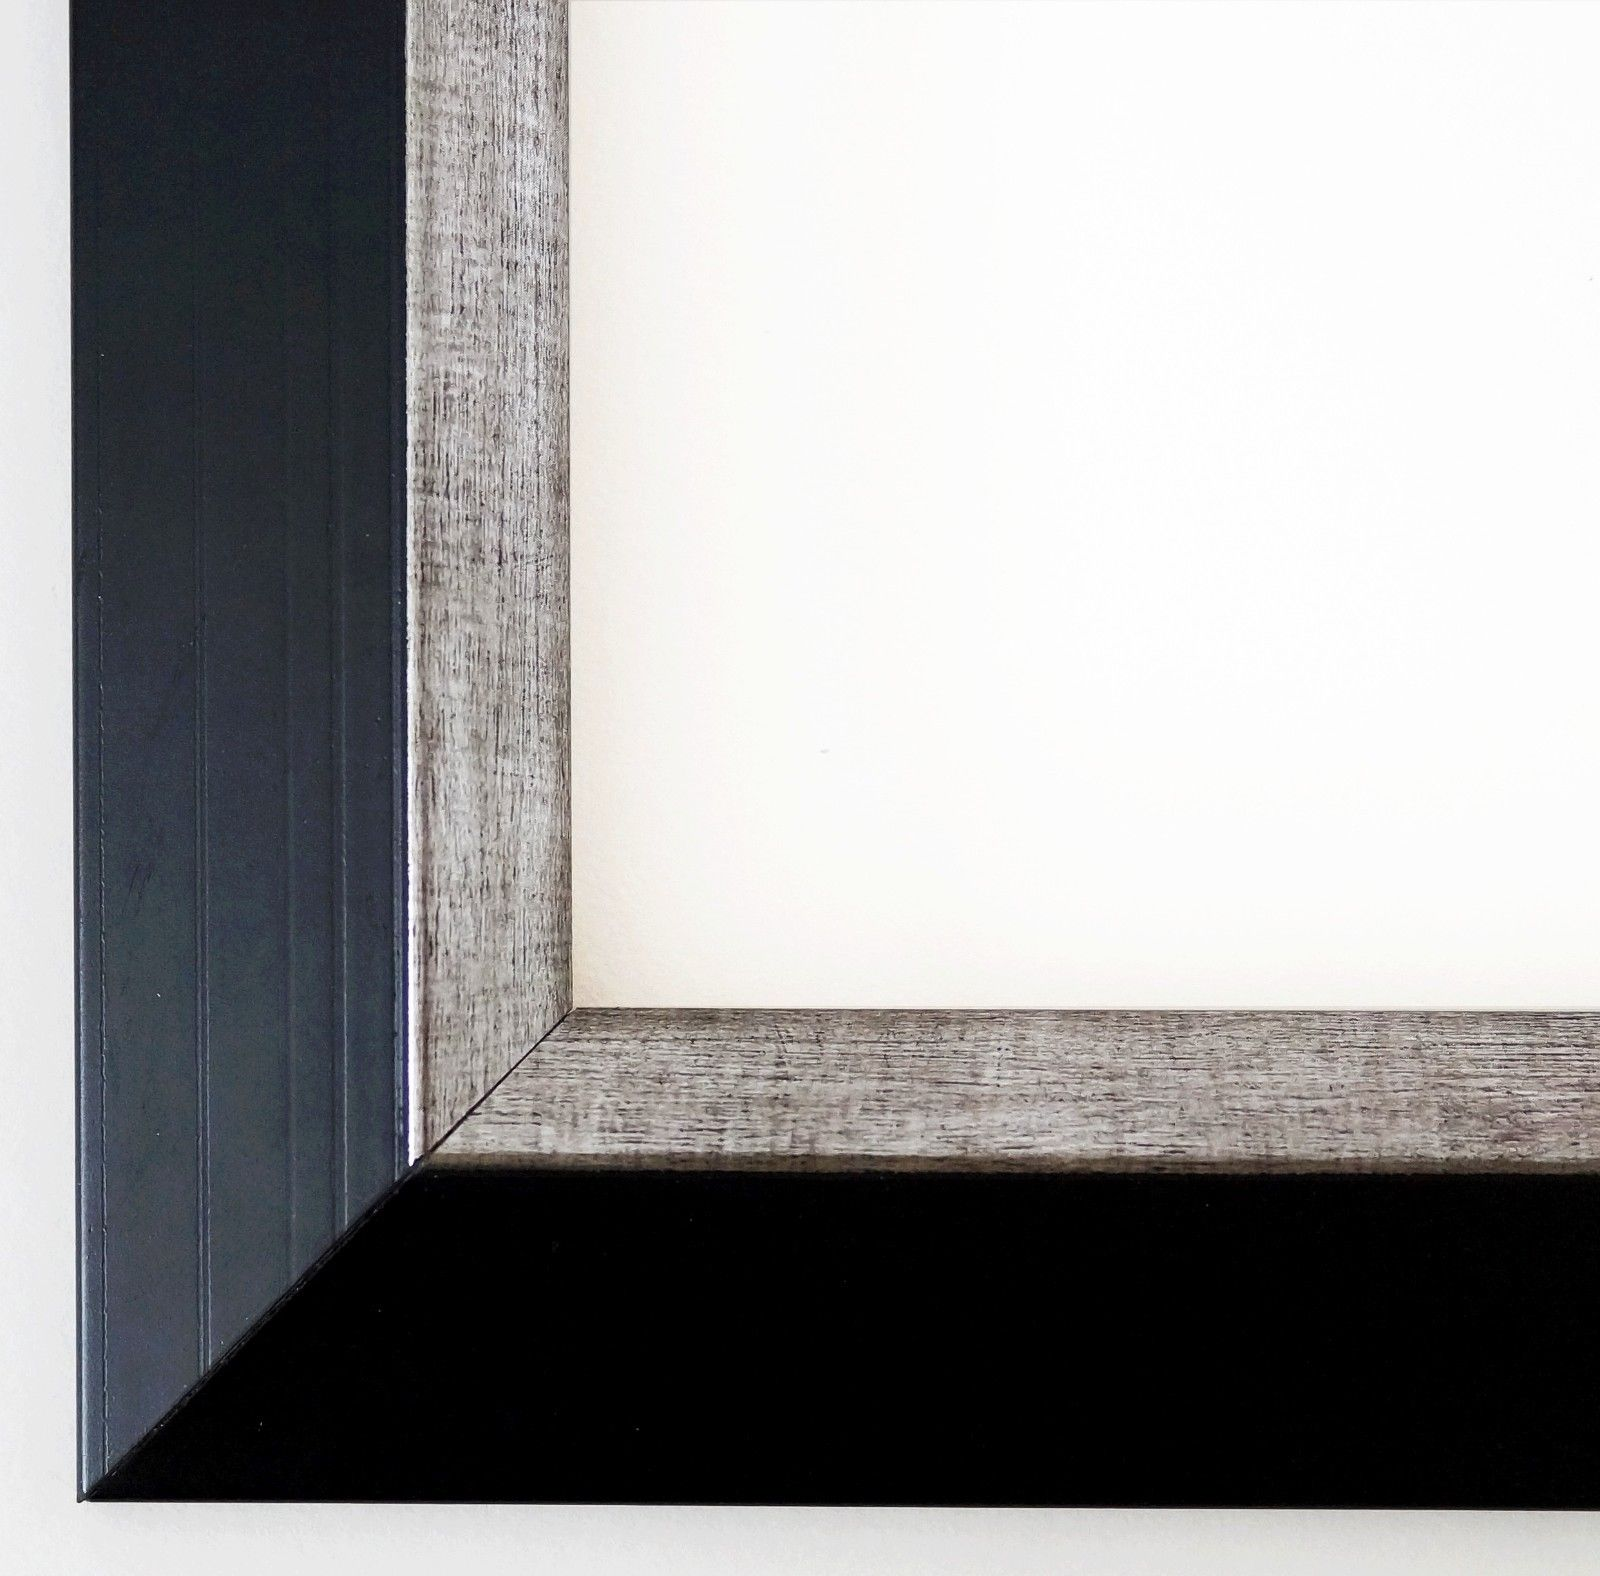 Atemberaubend 3 öffnungs Bilderrahmen 5x7 Ideen - Benutzerdefinierte ...